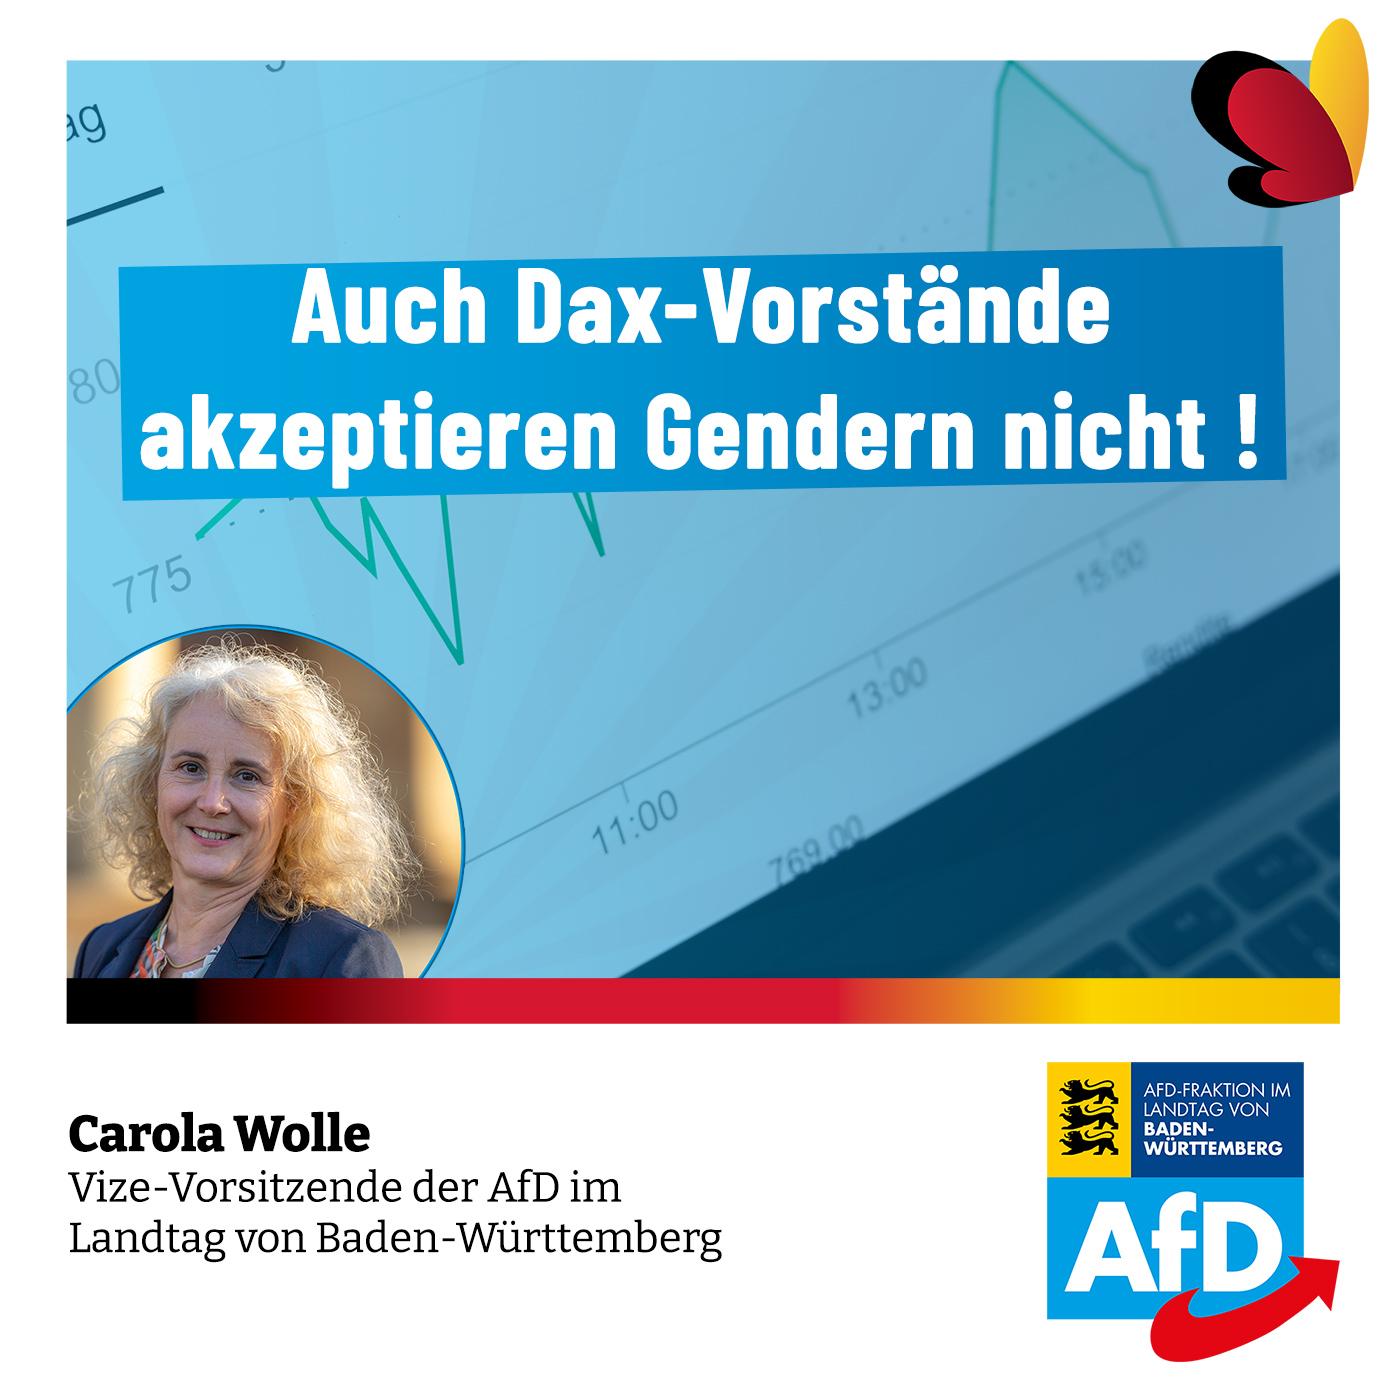 Carola Wolle: Auch Dax-Vorstände akzeptieren Gendern nicht